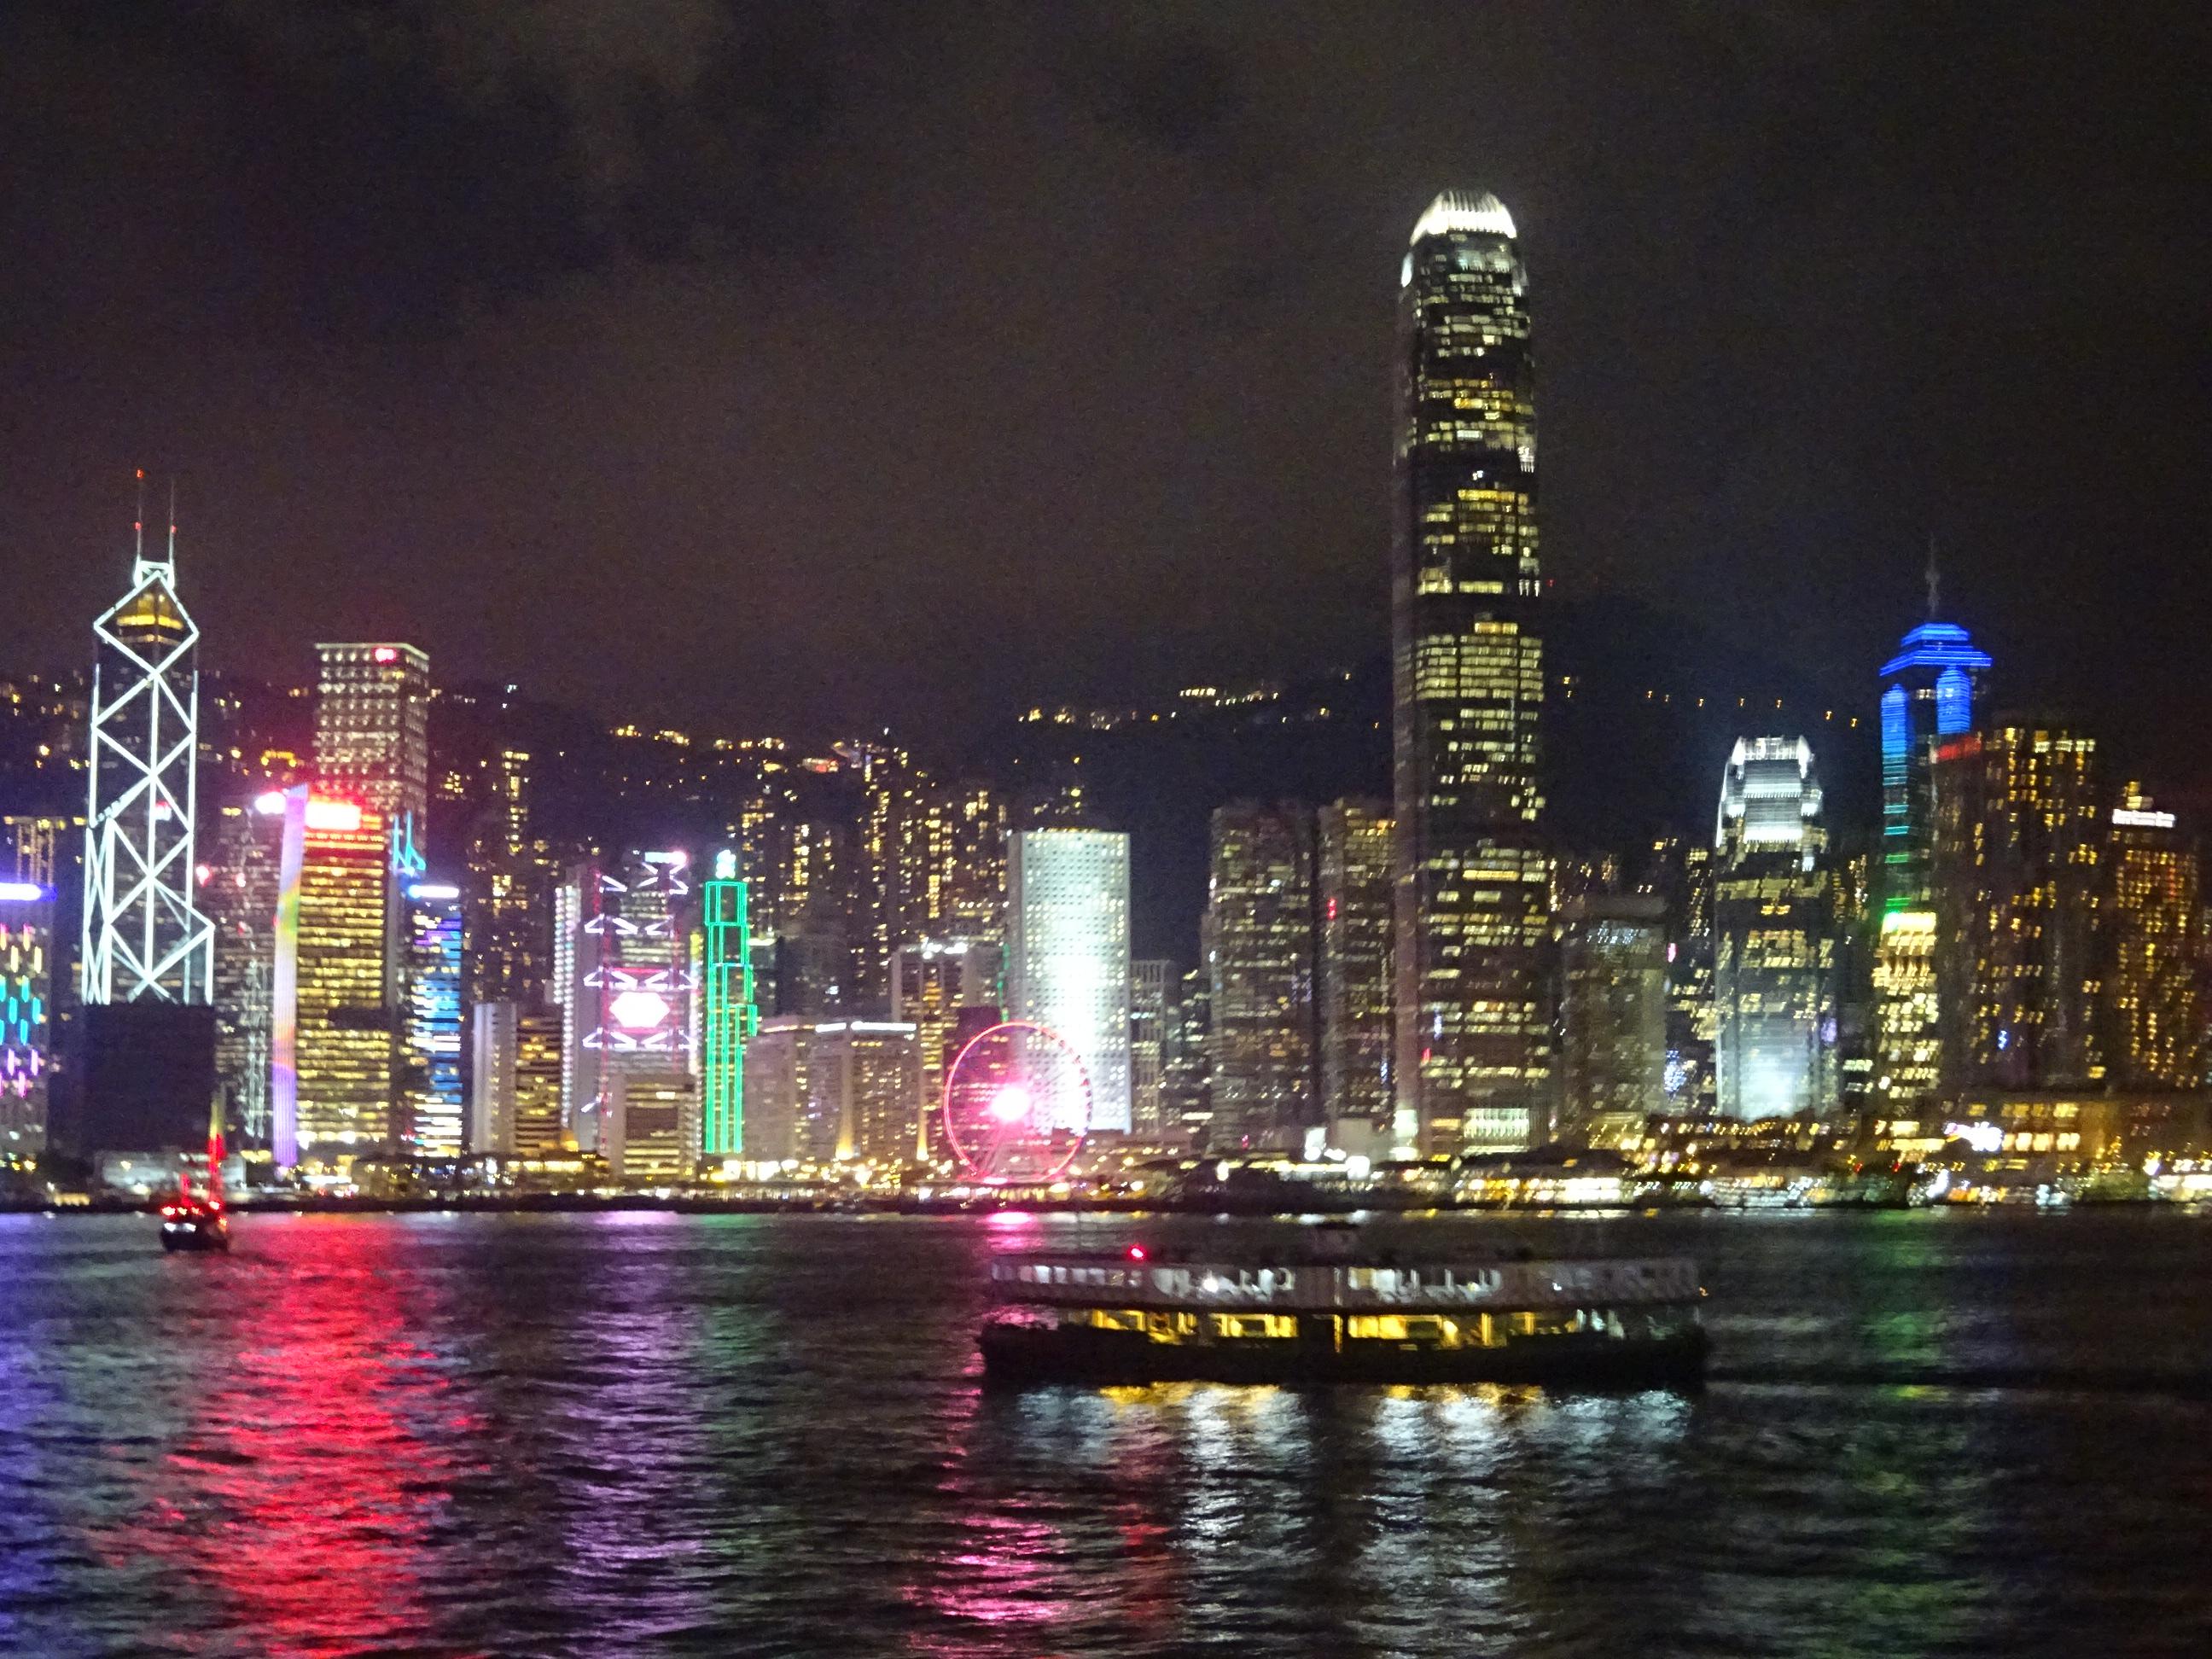 香港観光ビクトリアハーバーの夜景は圧巻